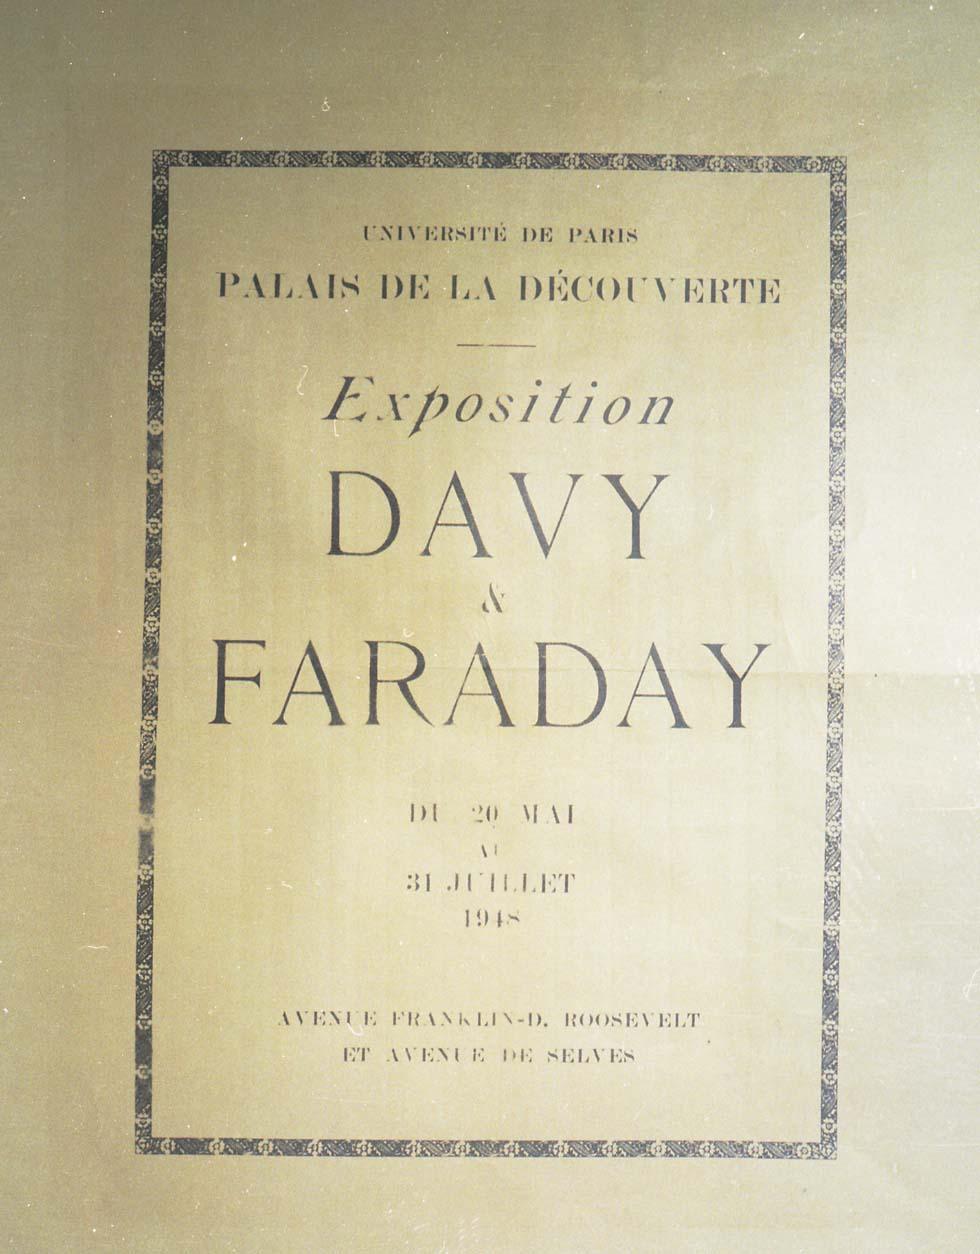 1948 : Davy et Faraday(ouverture du diaporama)